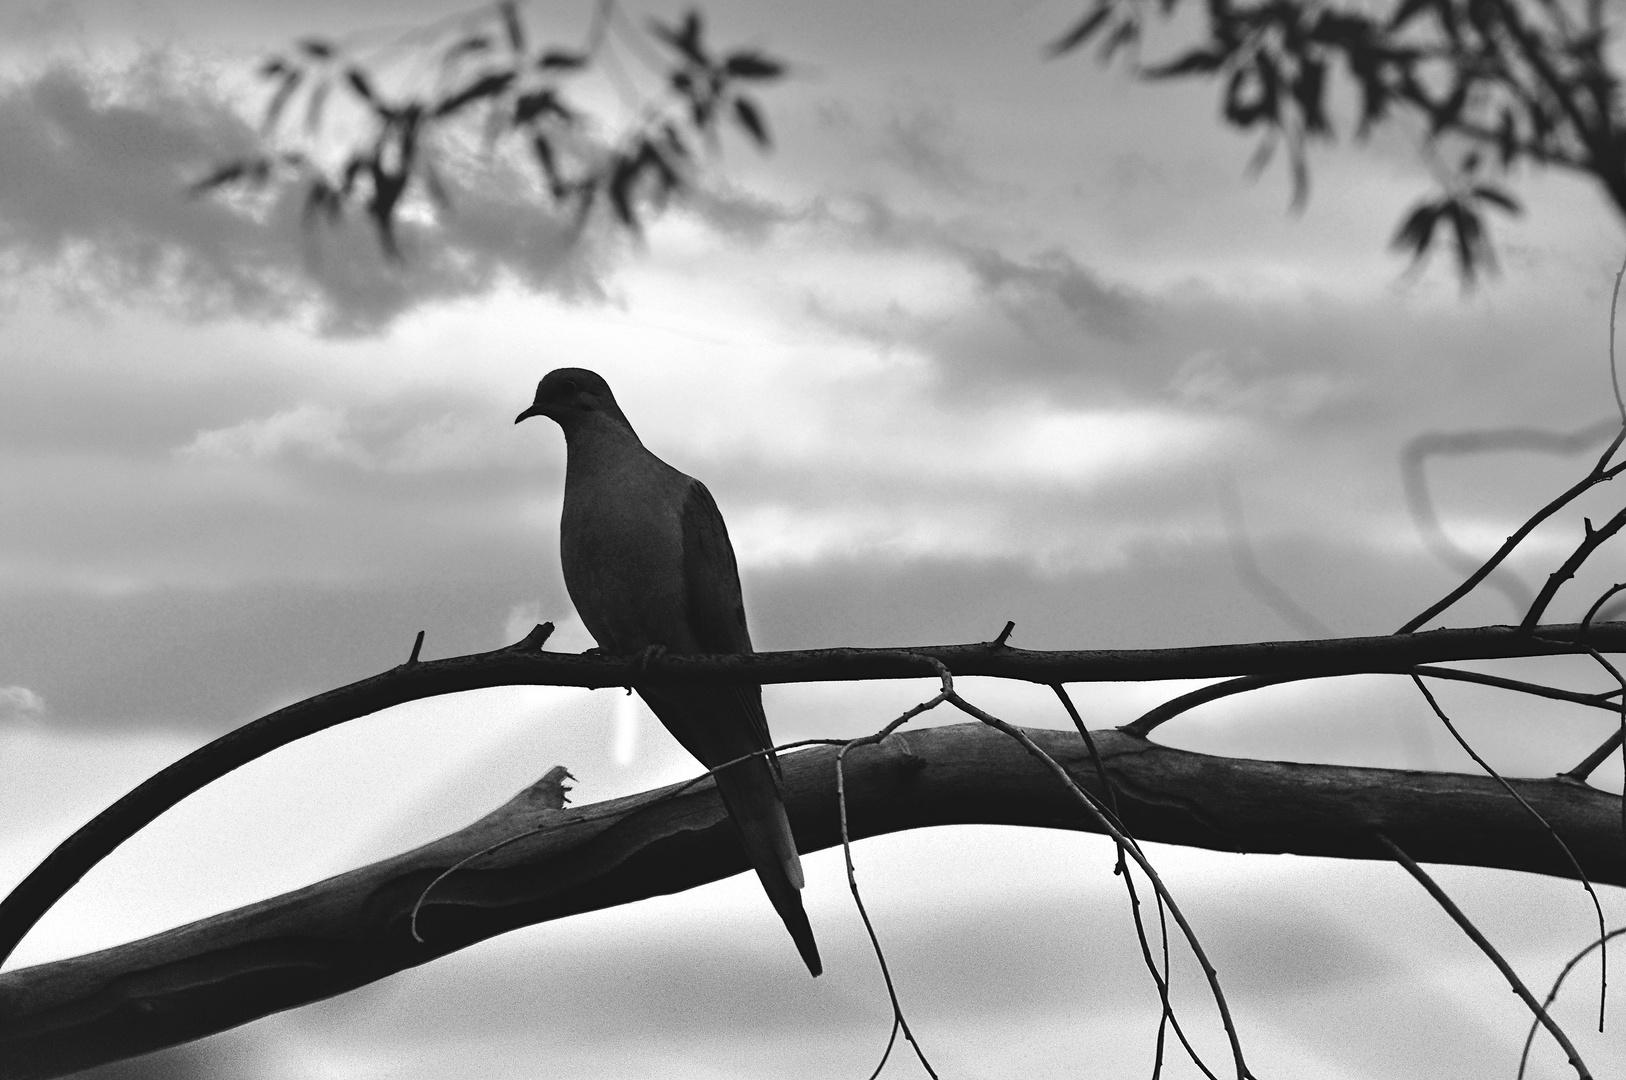 Bird on a Limb